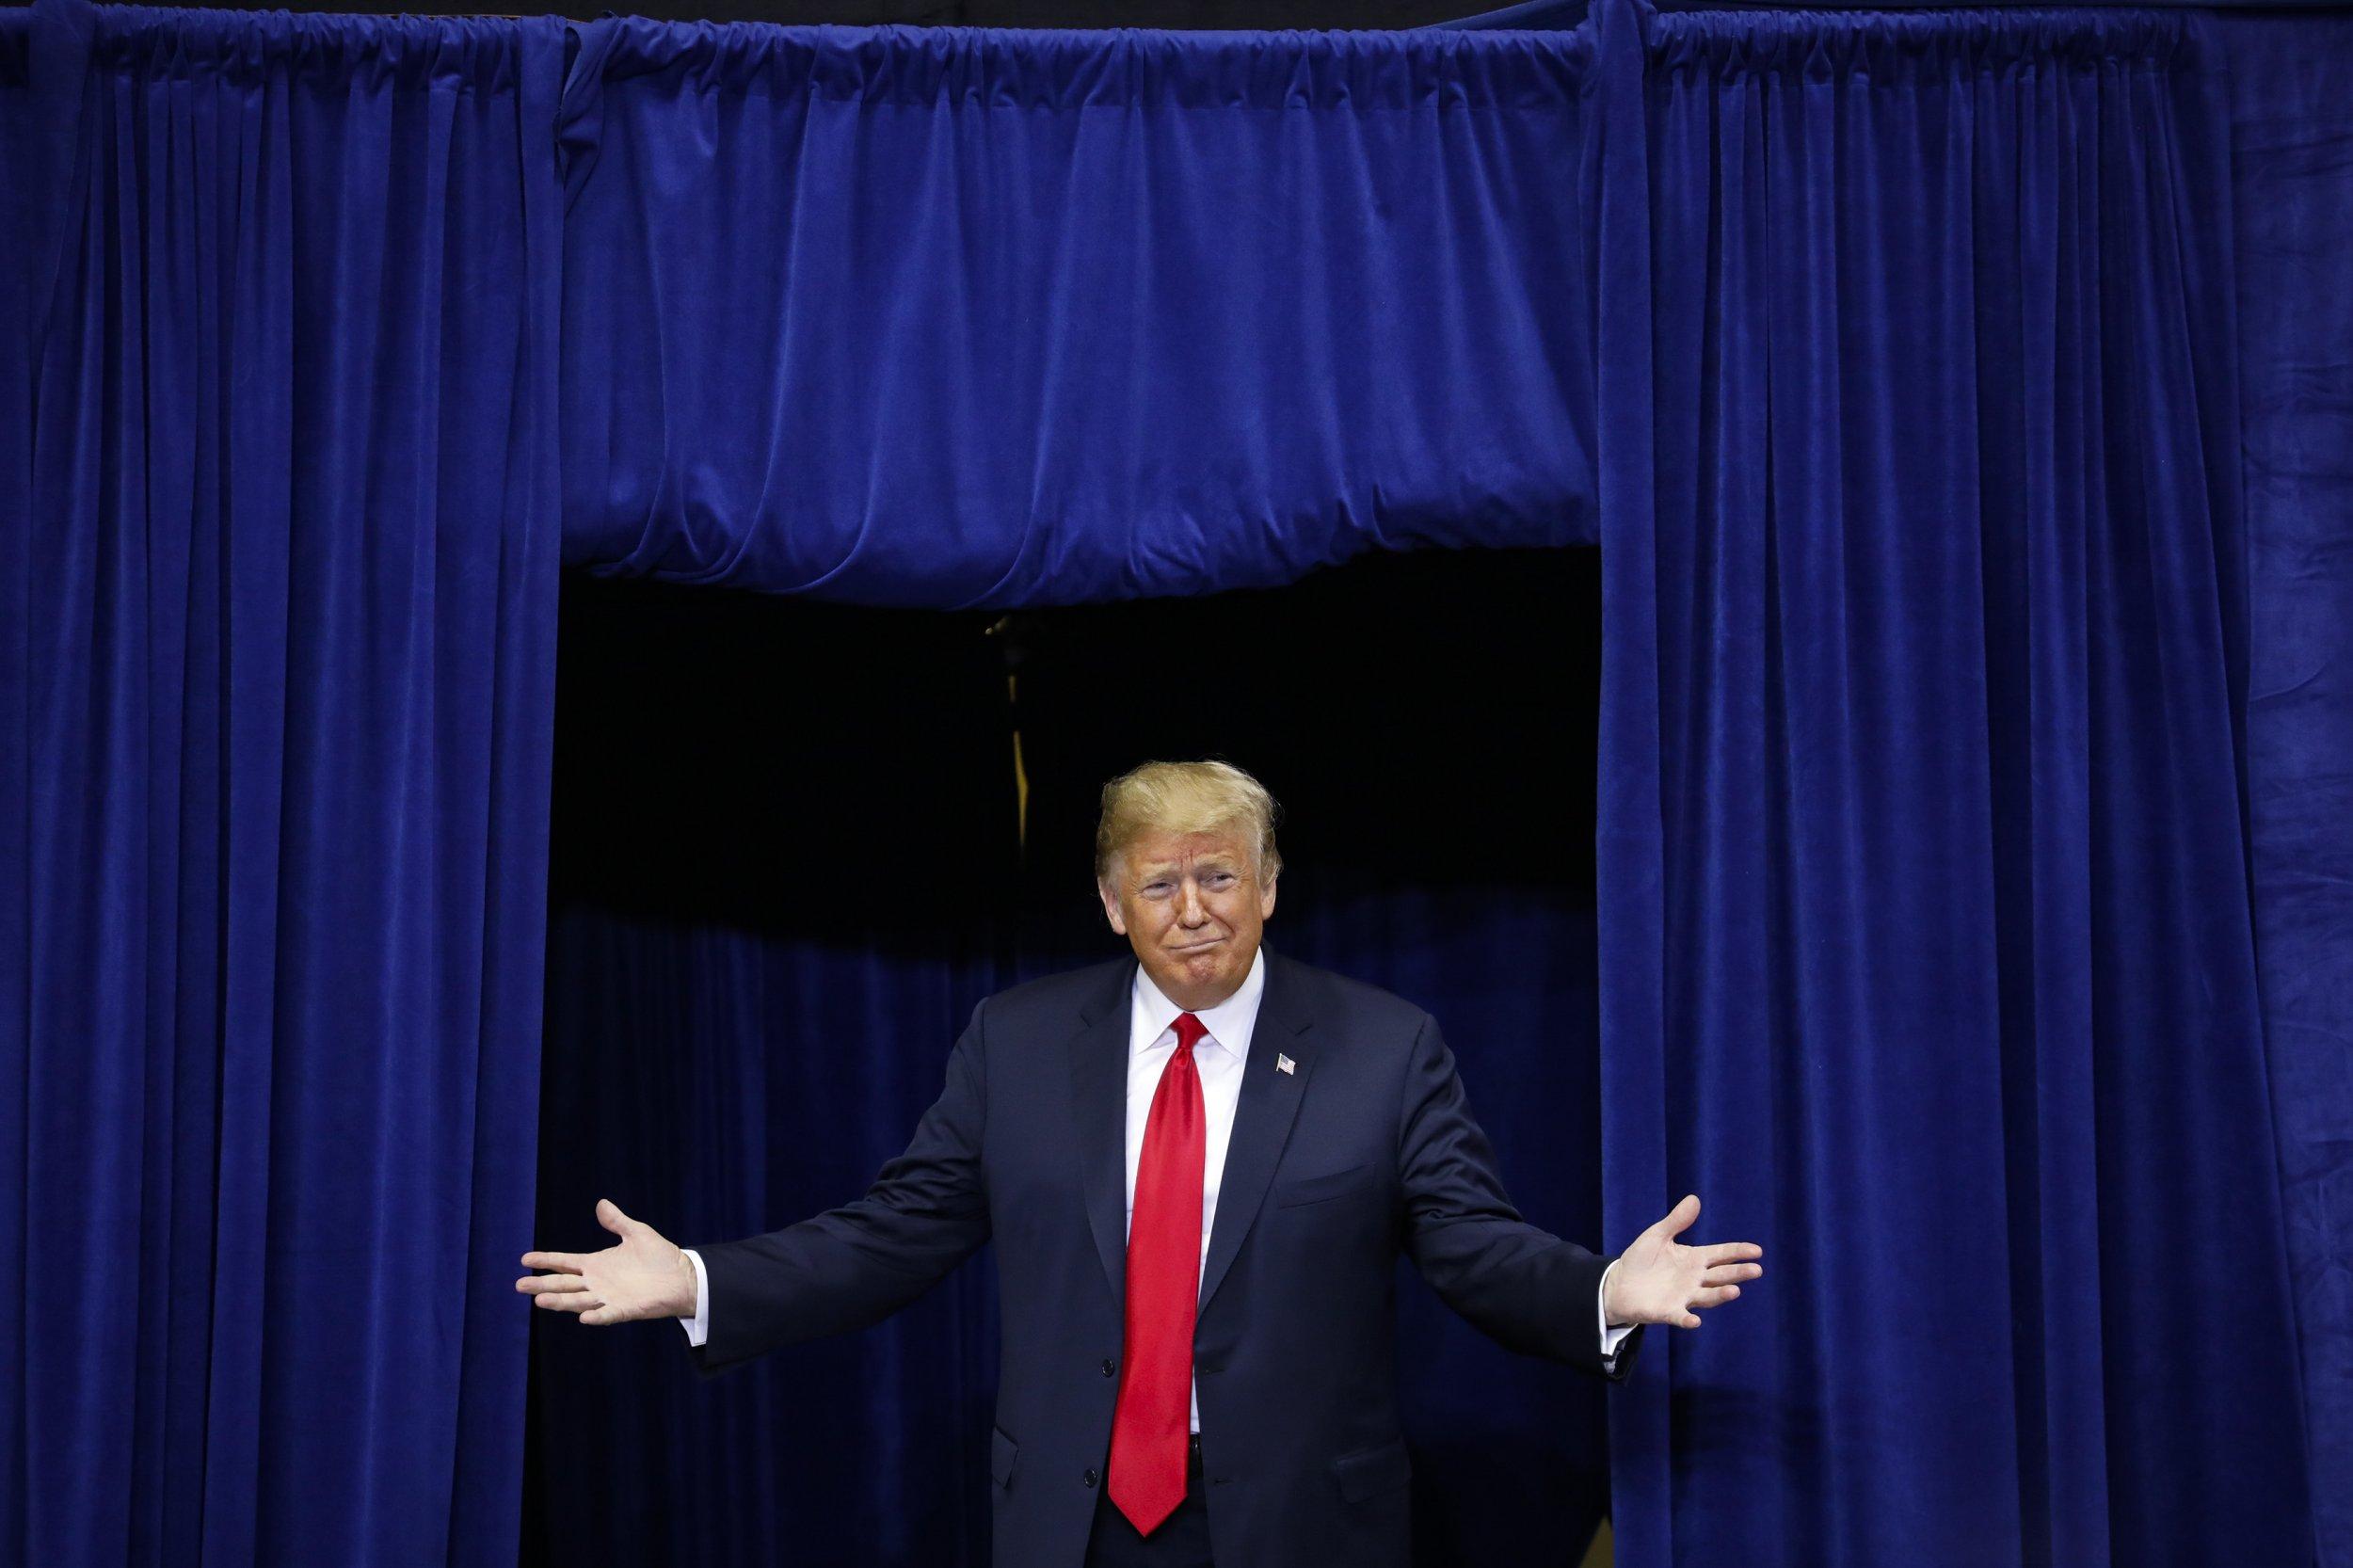 trump exit polls unpopular